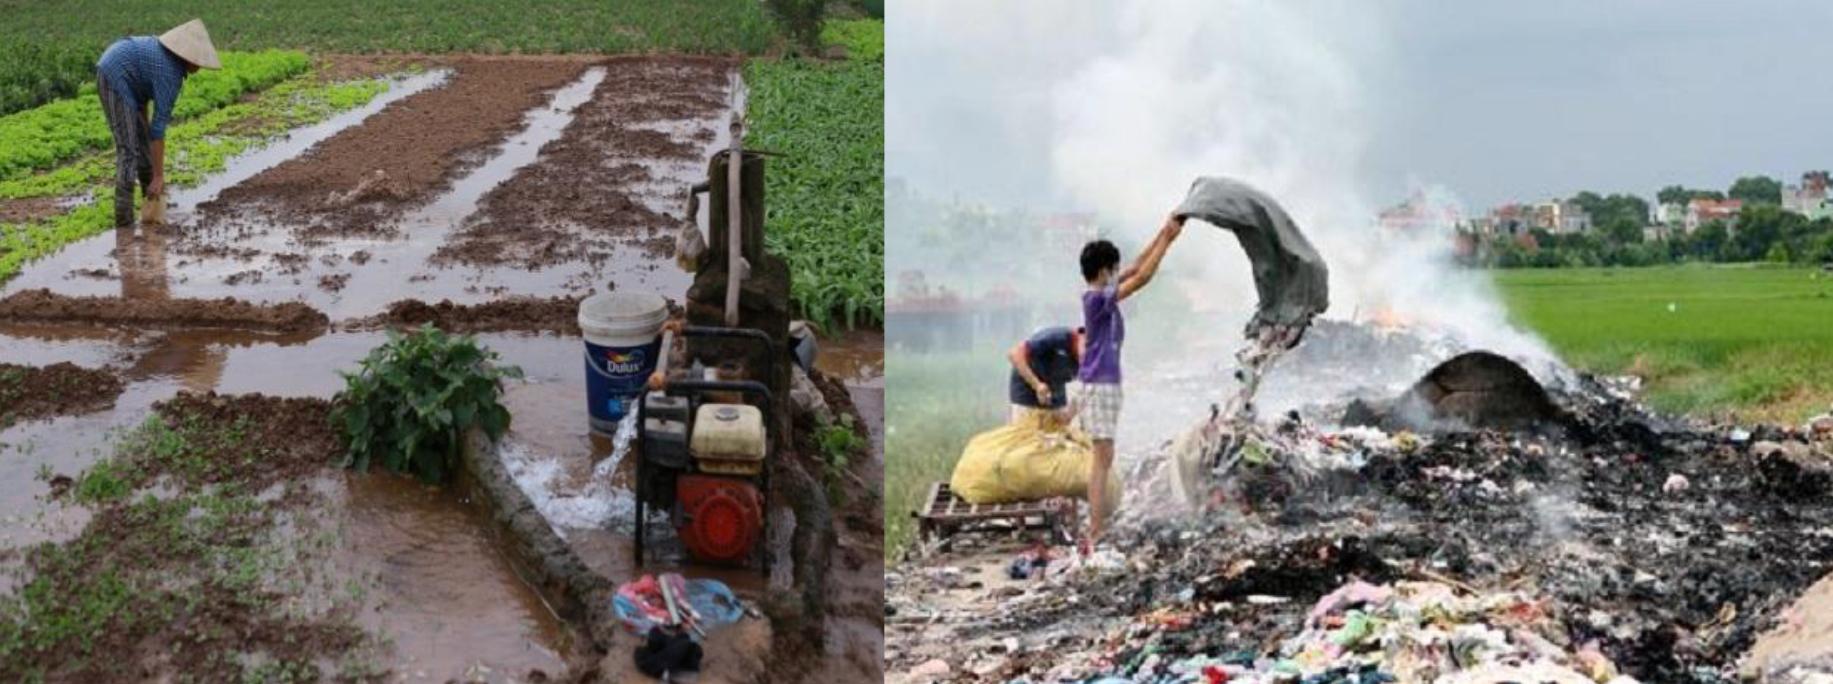 Nông thôn Việt Nam đối với môi trường đo lường, khô hạn, suy vi tài nguyên đất và nước